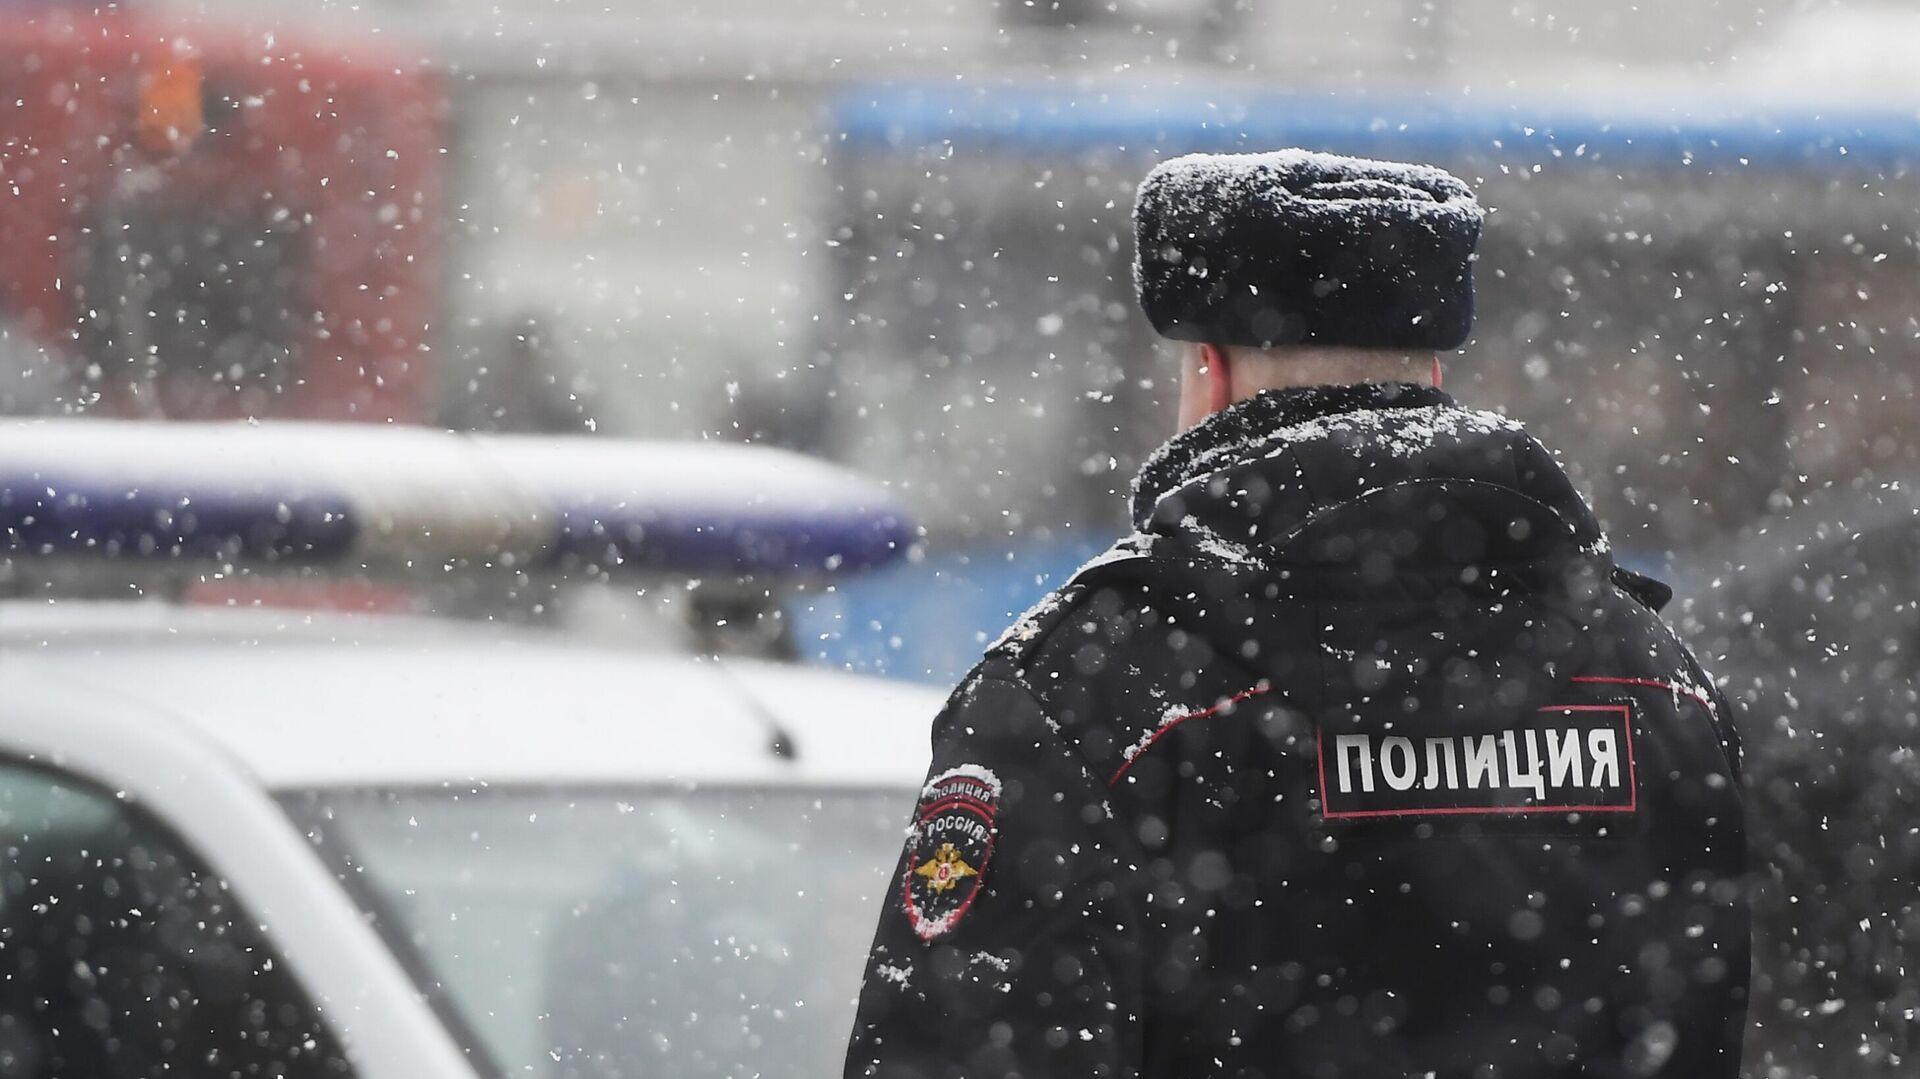 Сотрудник полиции на улице Москвы  - РИА Новости, 1920, 22.03.2021